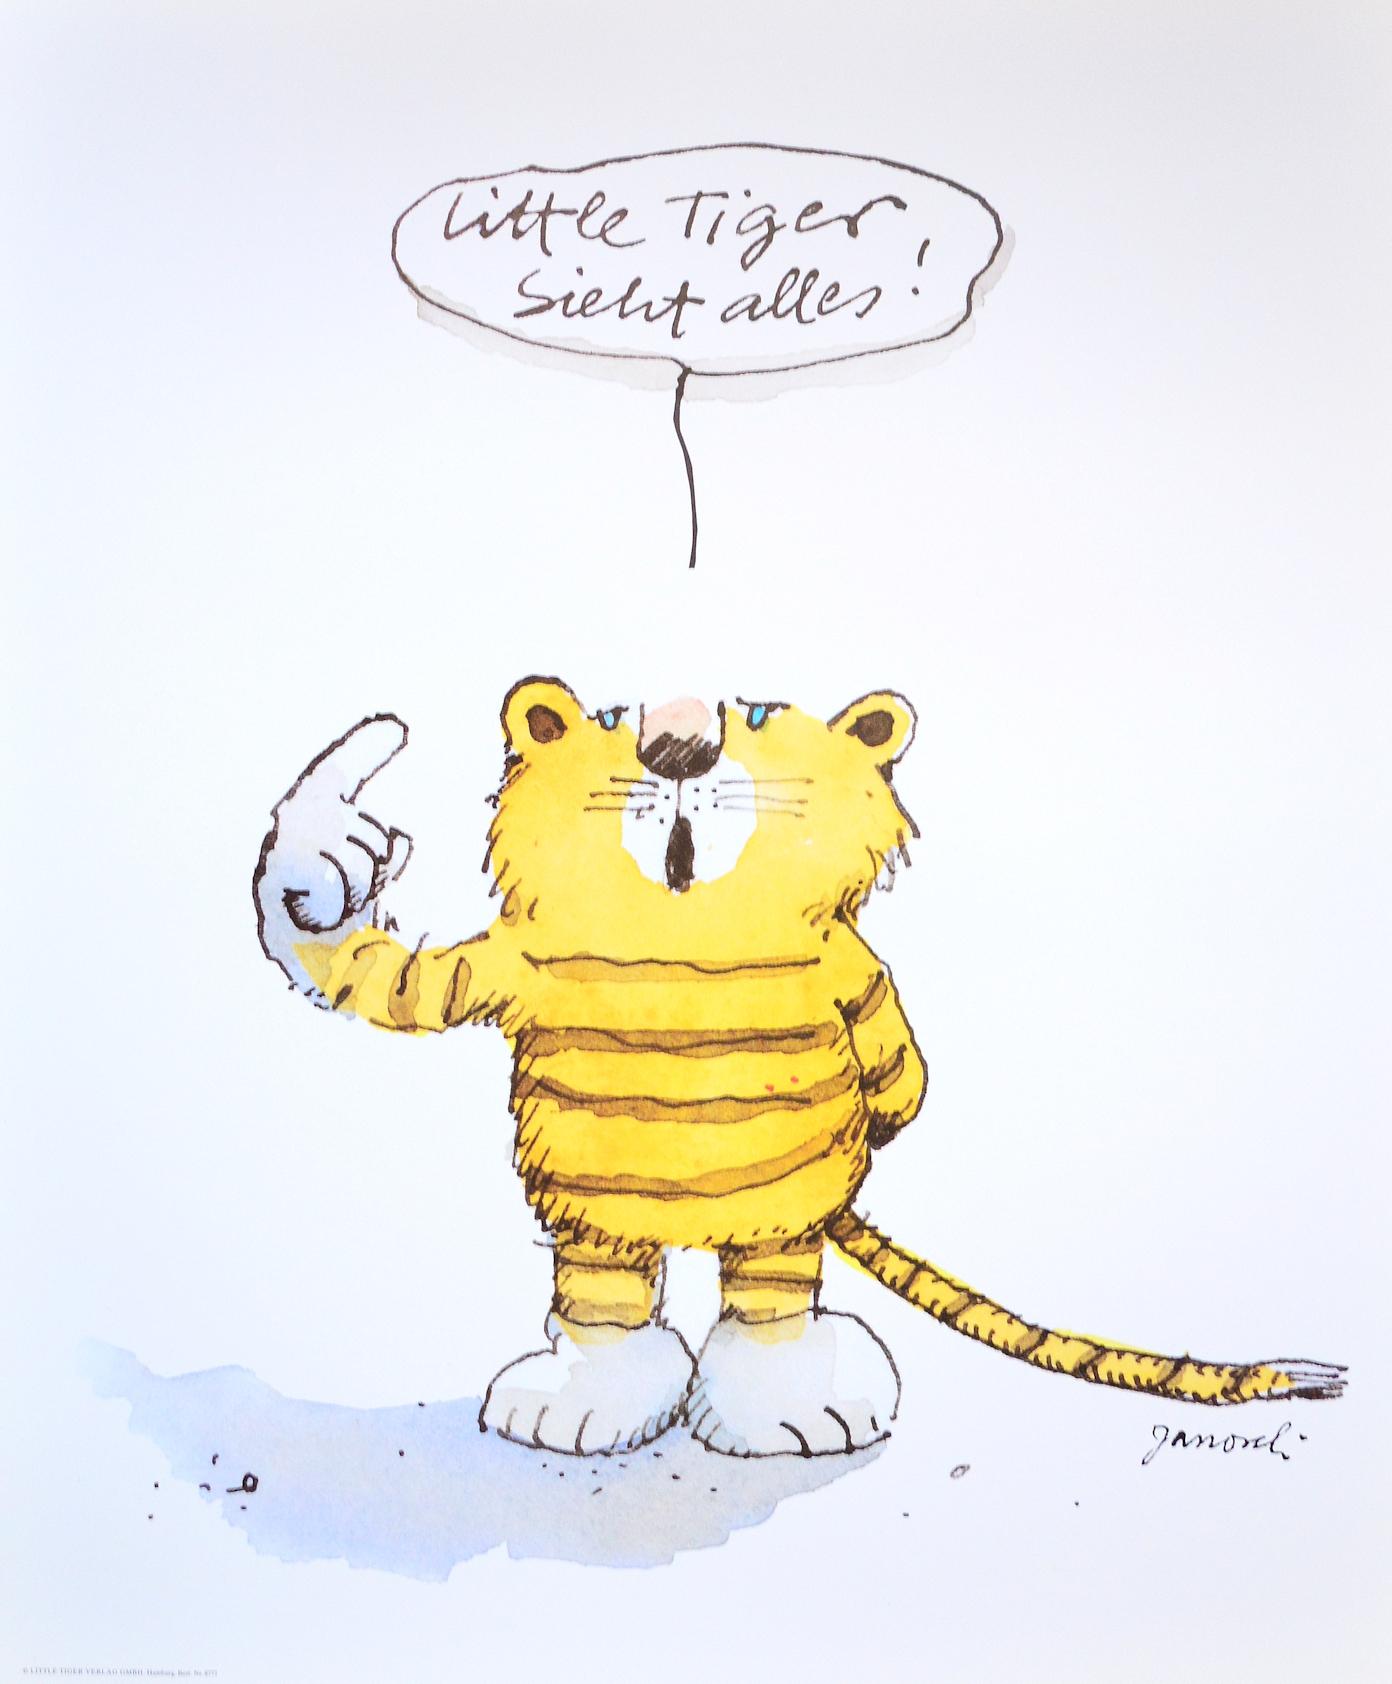 janosch little tiger poster kunstdruck bild 58x48cm ebay. Black Bedroom Furniture Sets. Home Design Ideas